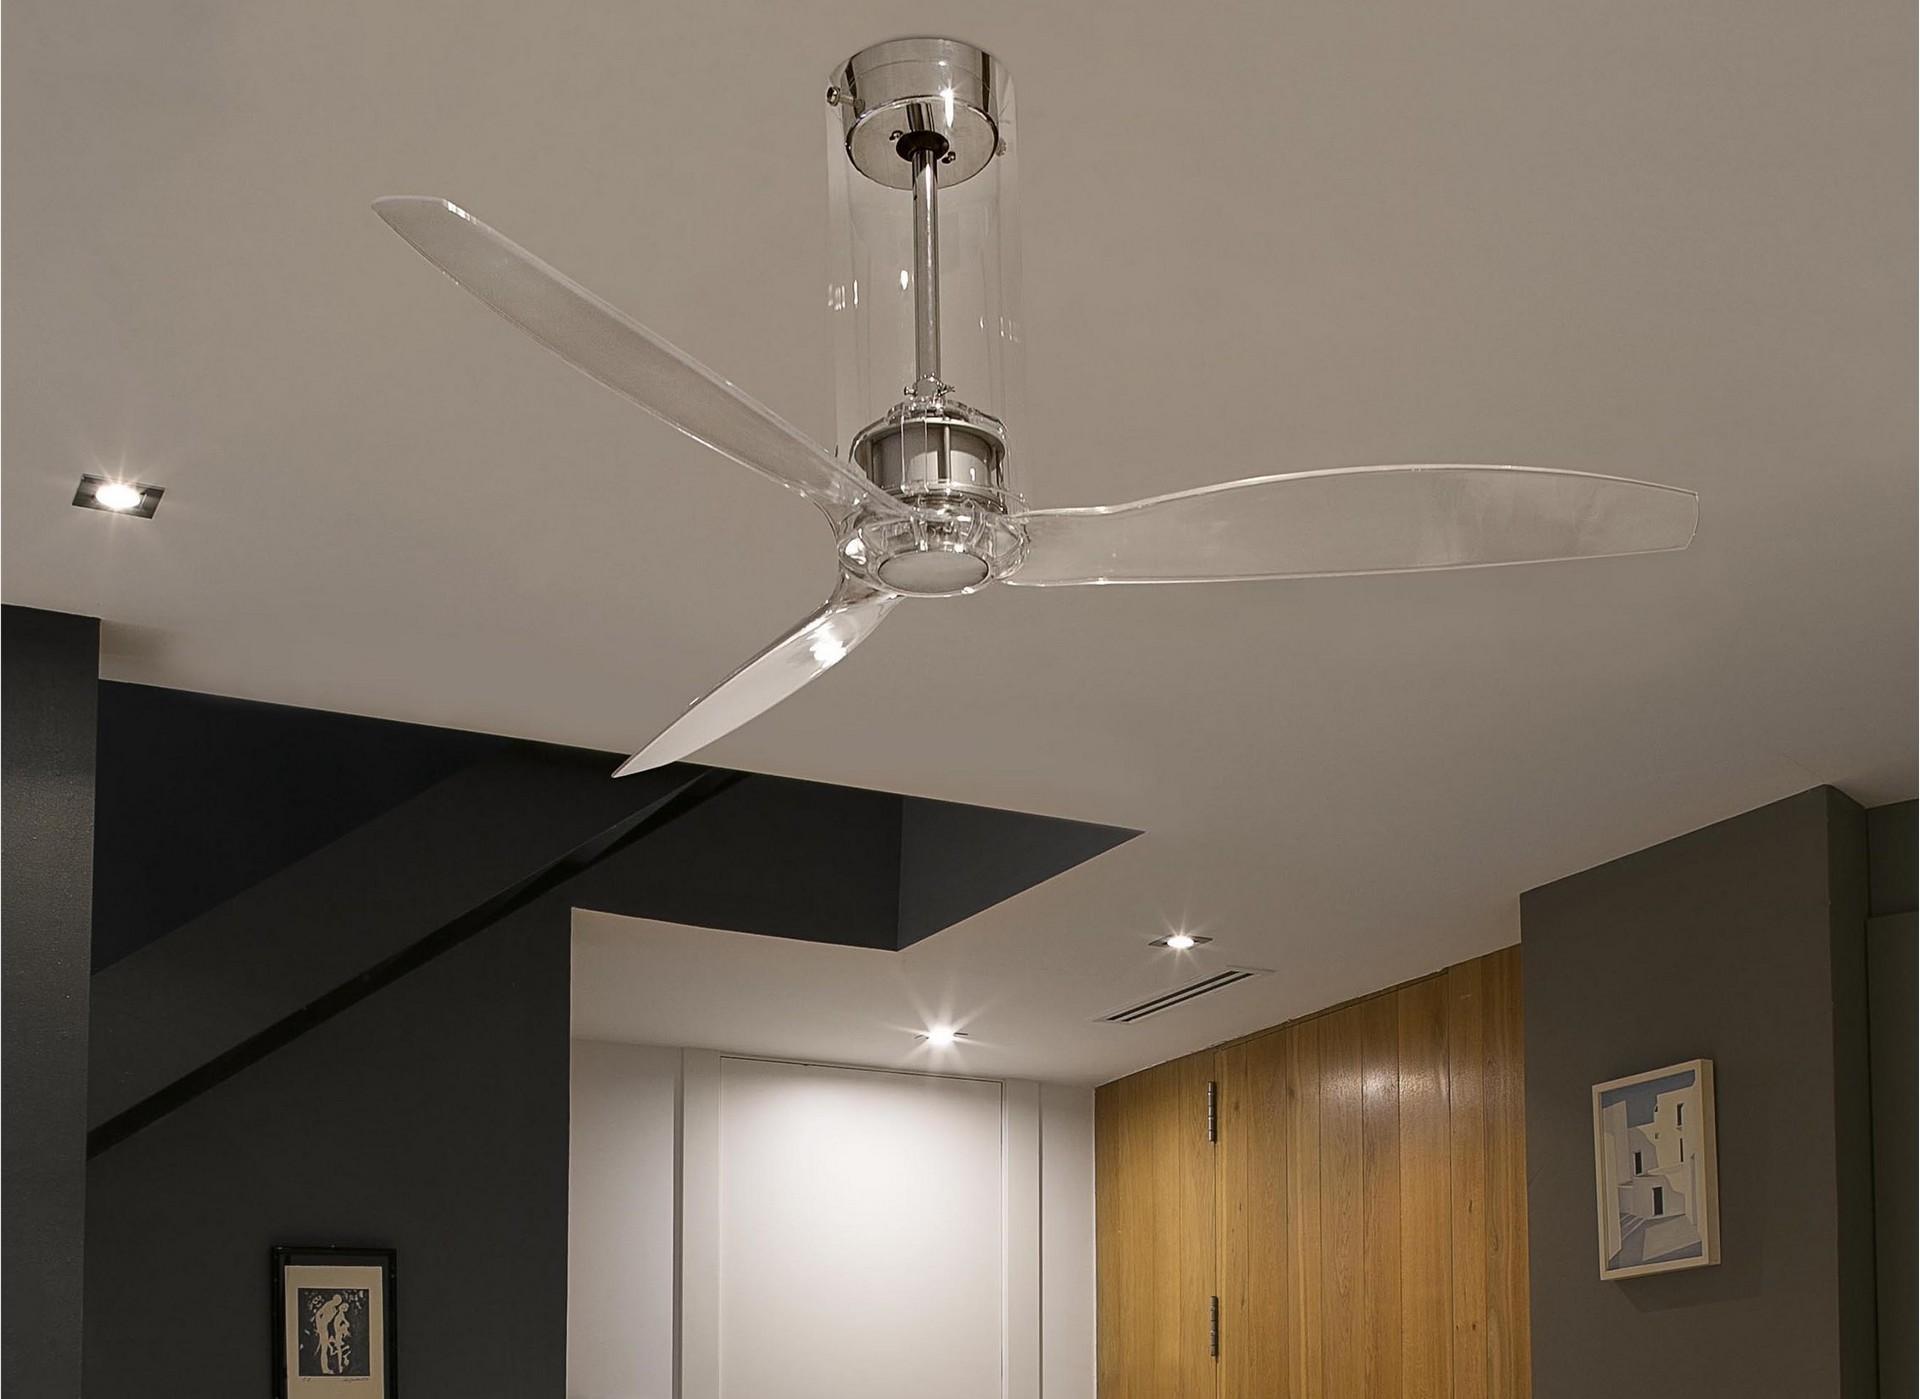 Illuminazione Nide Prezzo : Ventilatori da soffitto un alternativa al condizionatore